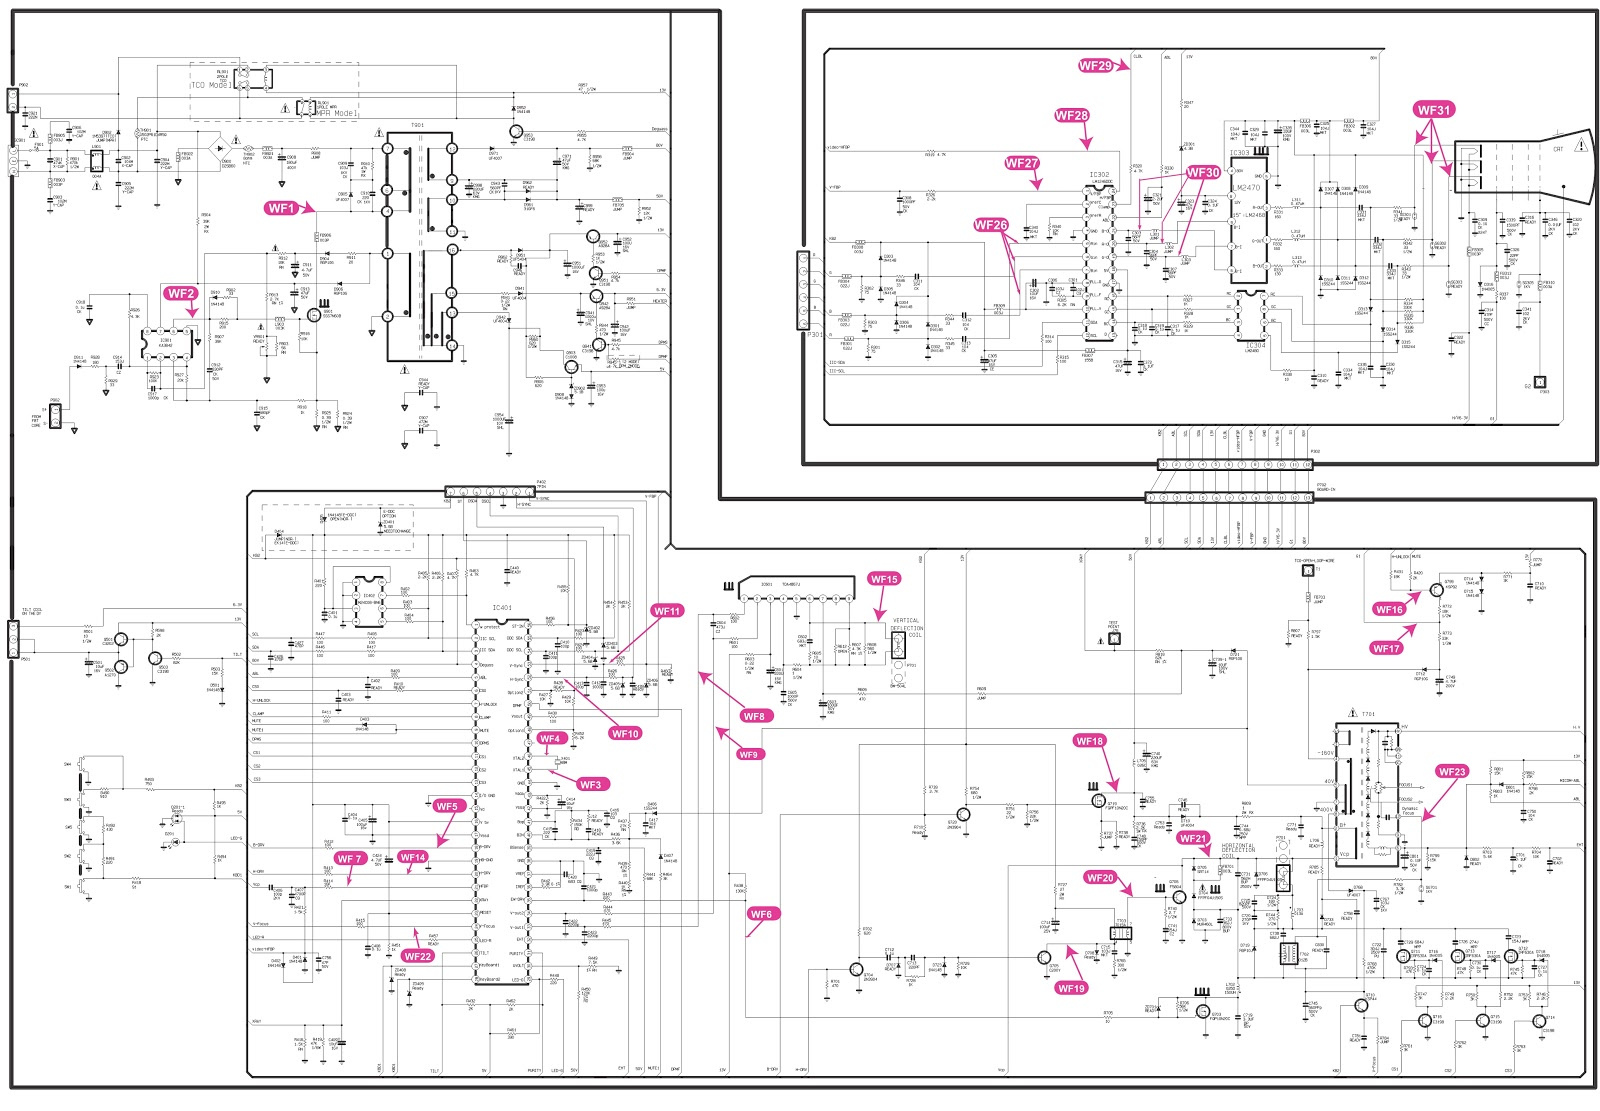 lg crt monitor circuit diagram